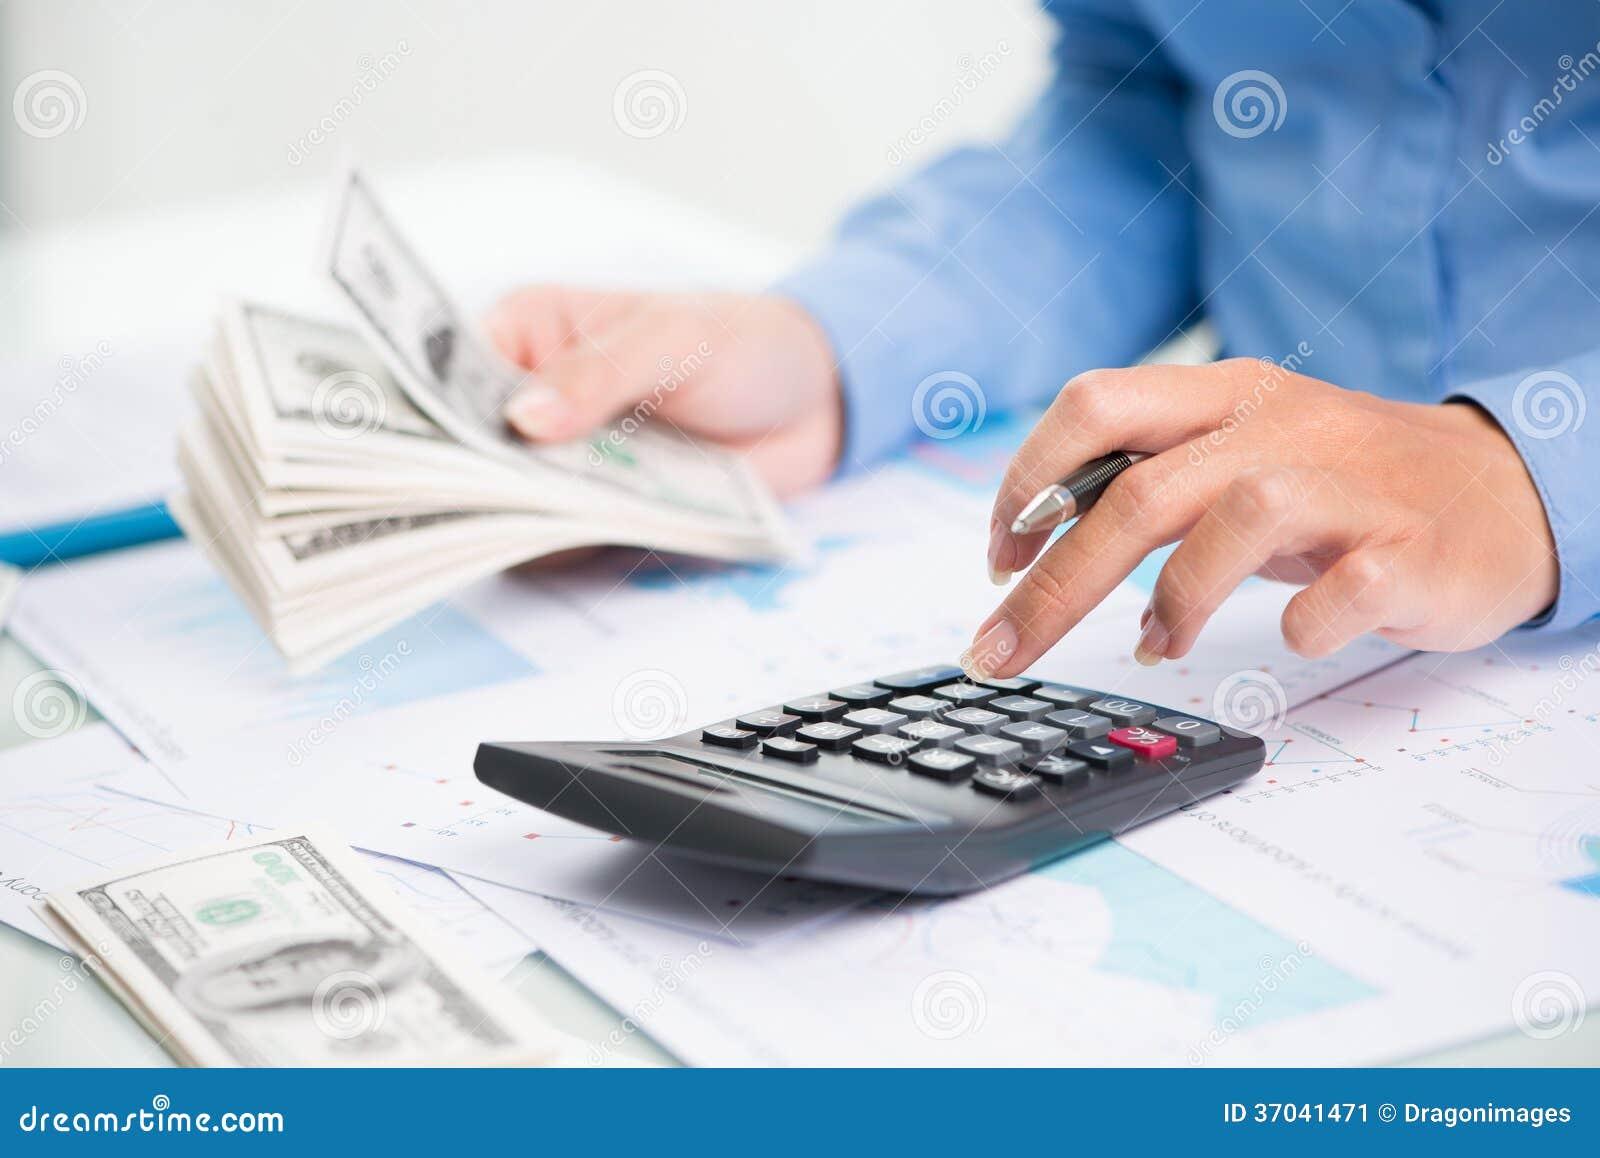 Как исчислить налоги с новогодних праздничных расходов? 25